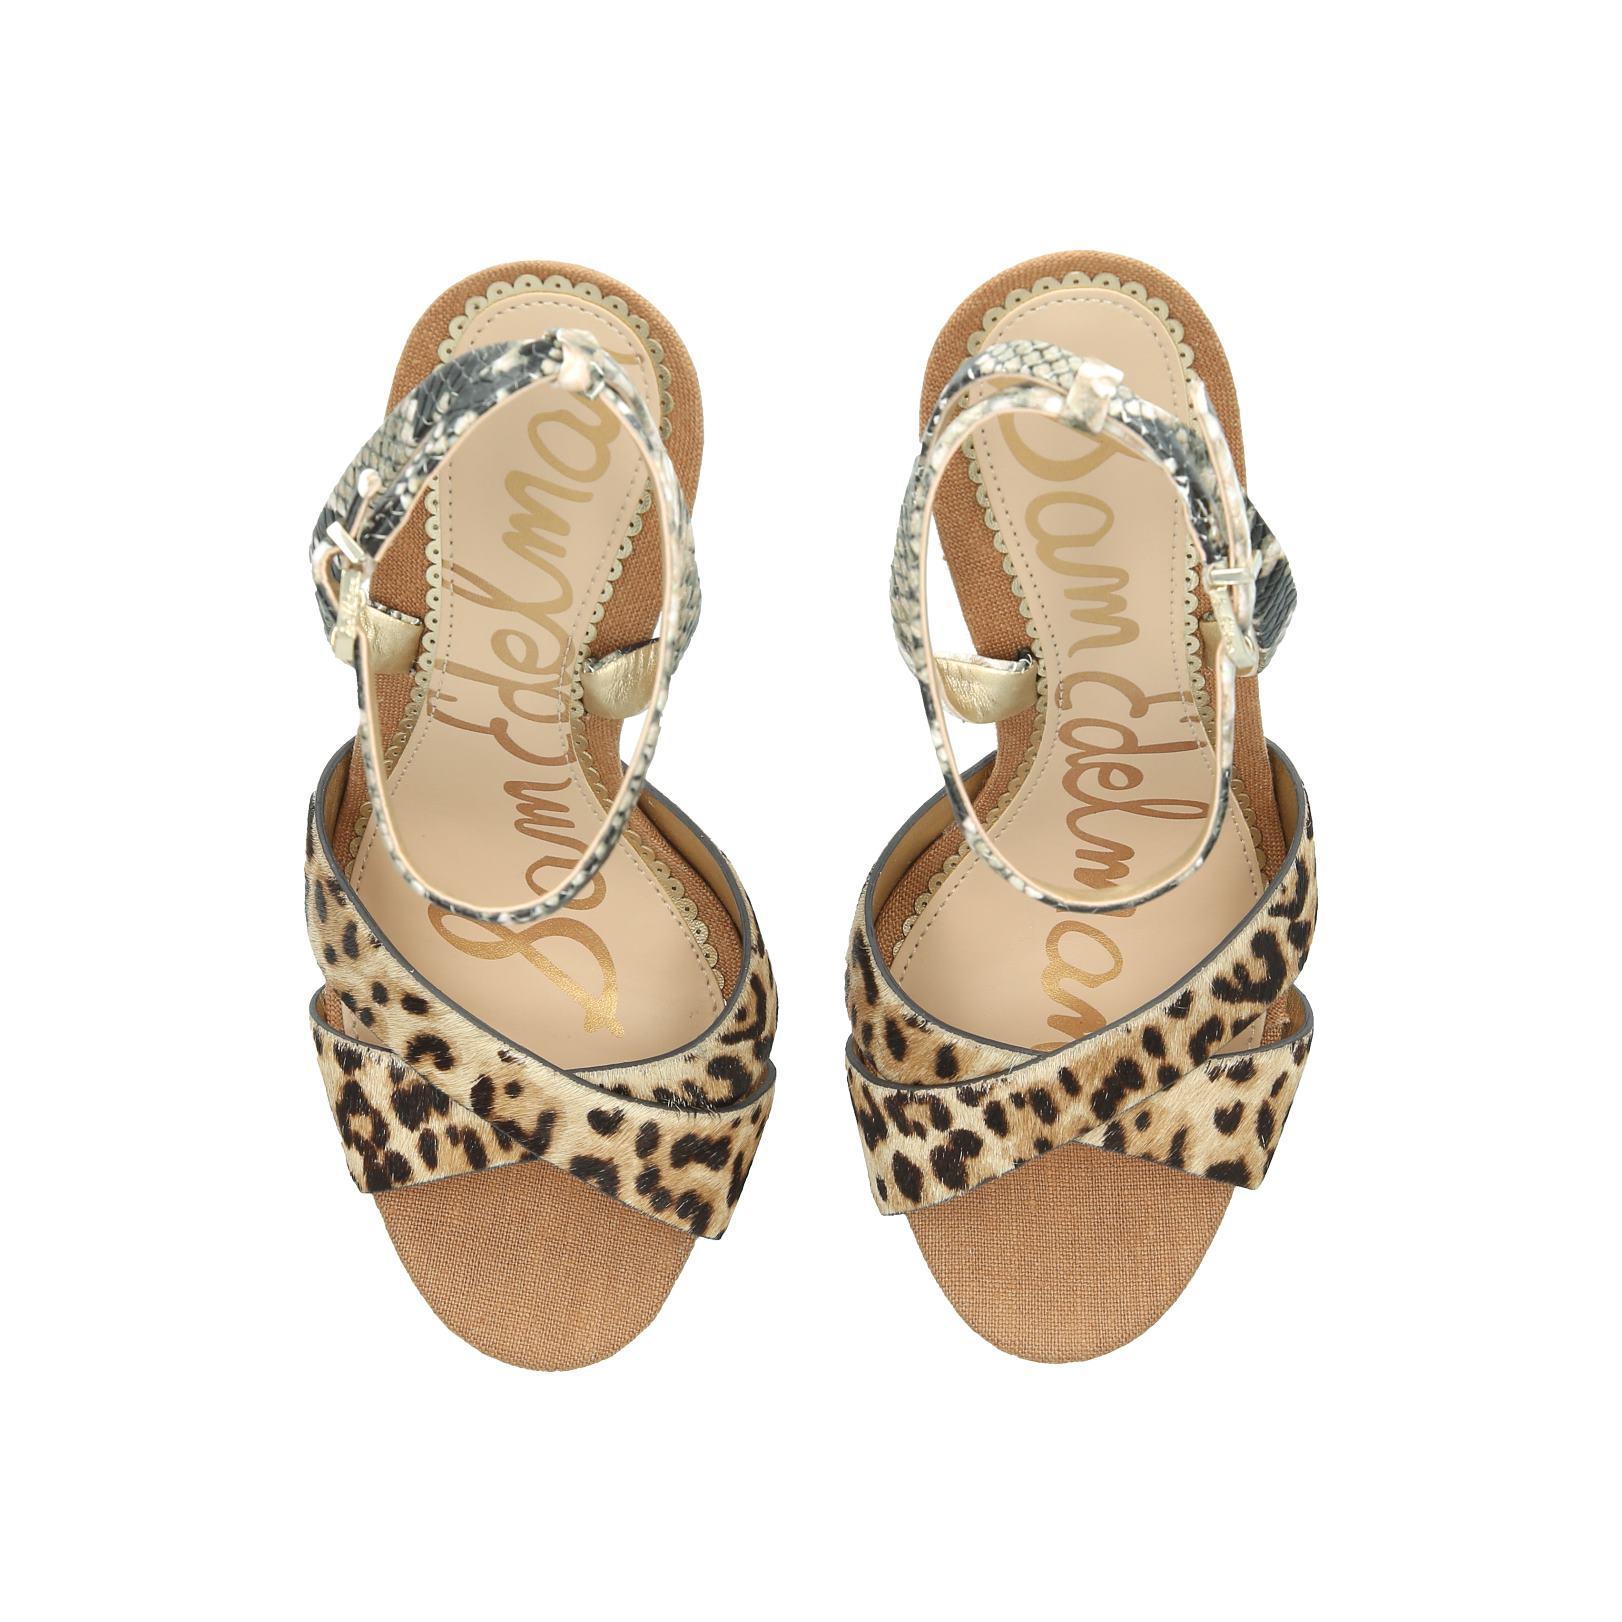 4ef6904dd232 ALY Aly Occasion Sam Edelman Tan Comb Leopard Print Heels by SAM EDELMAN